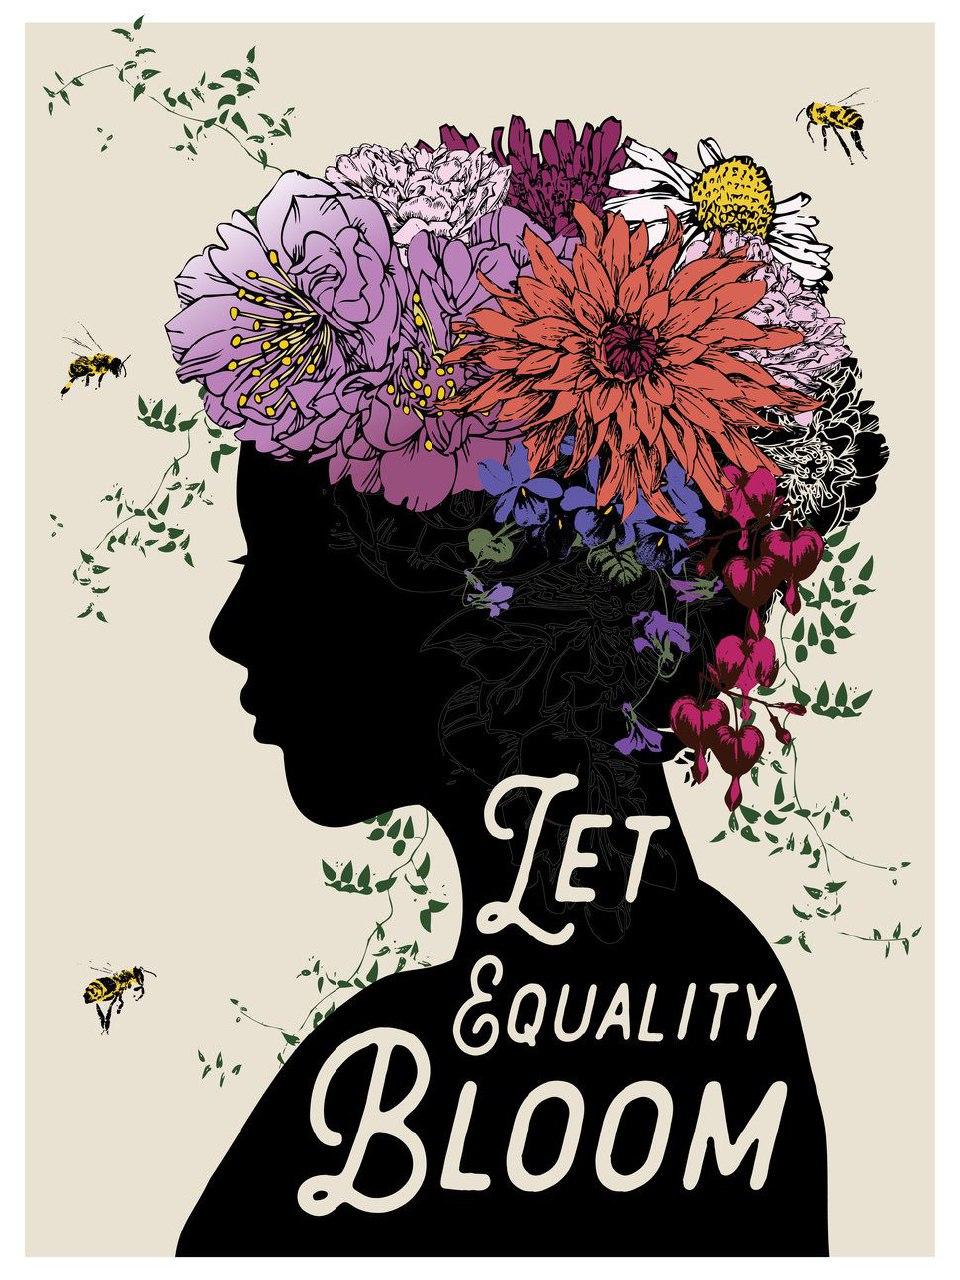 روزی علیه تبعیض جنسیتی